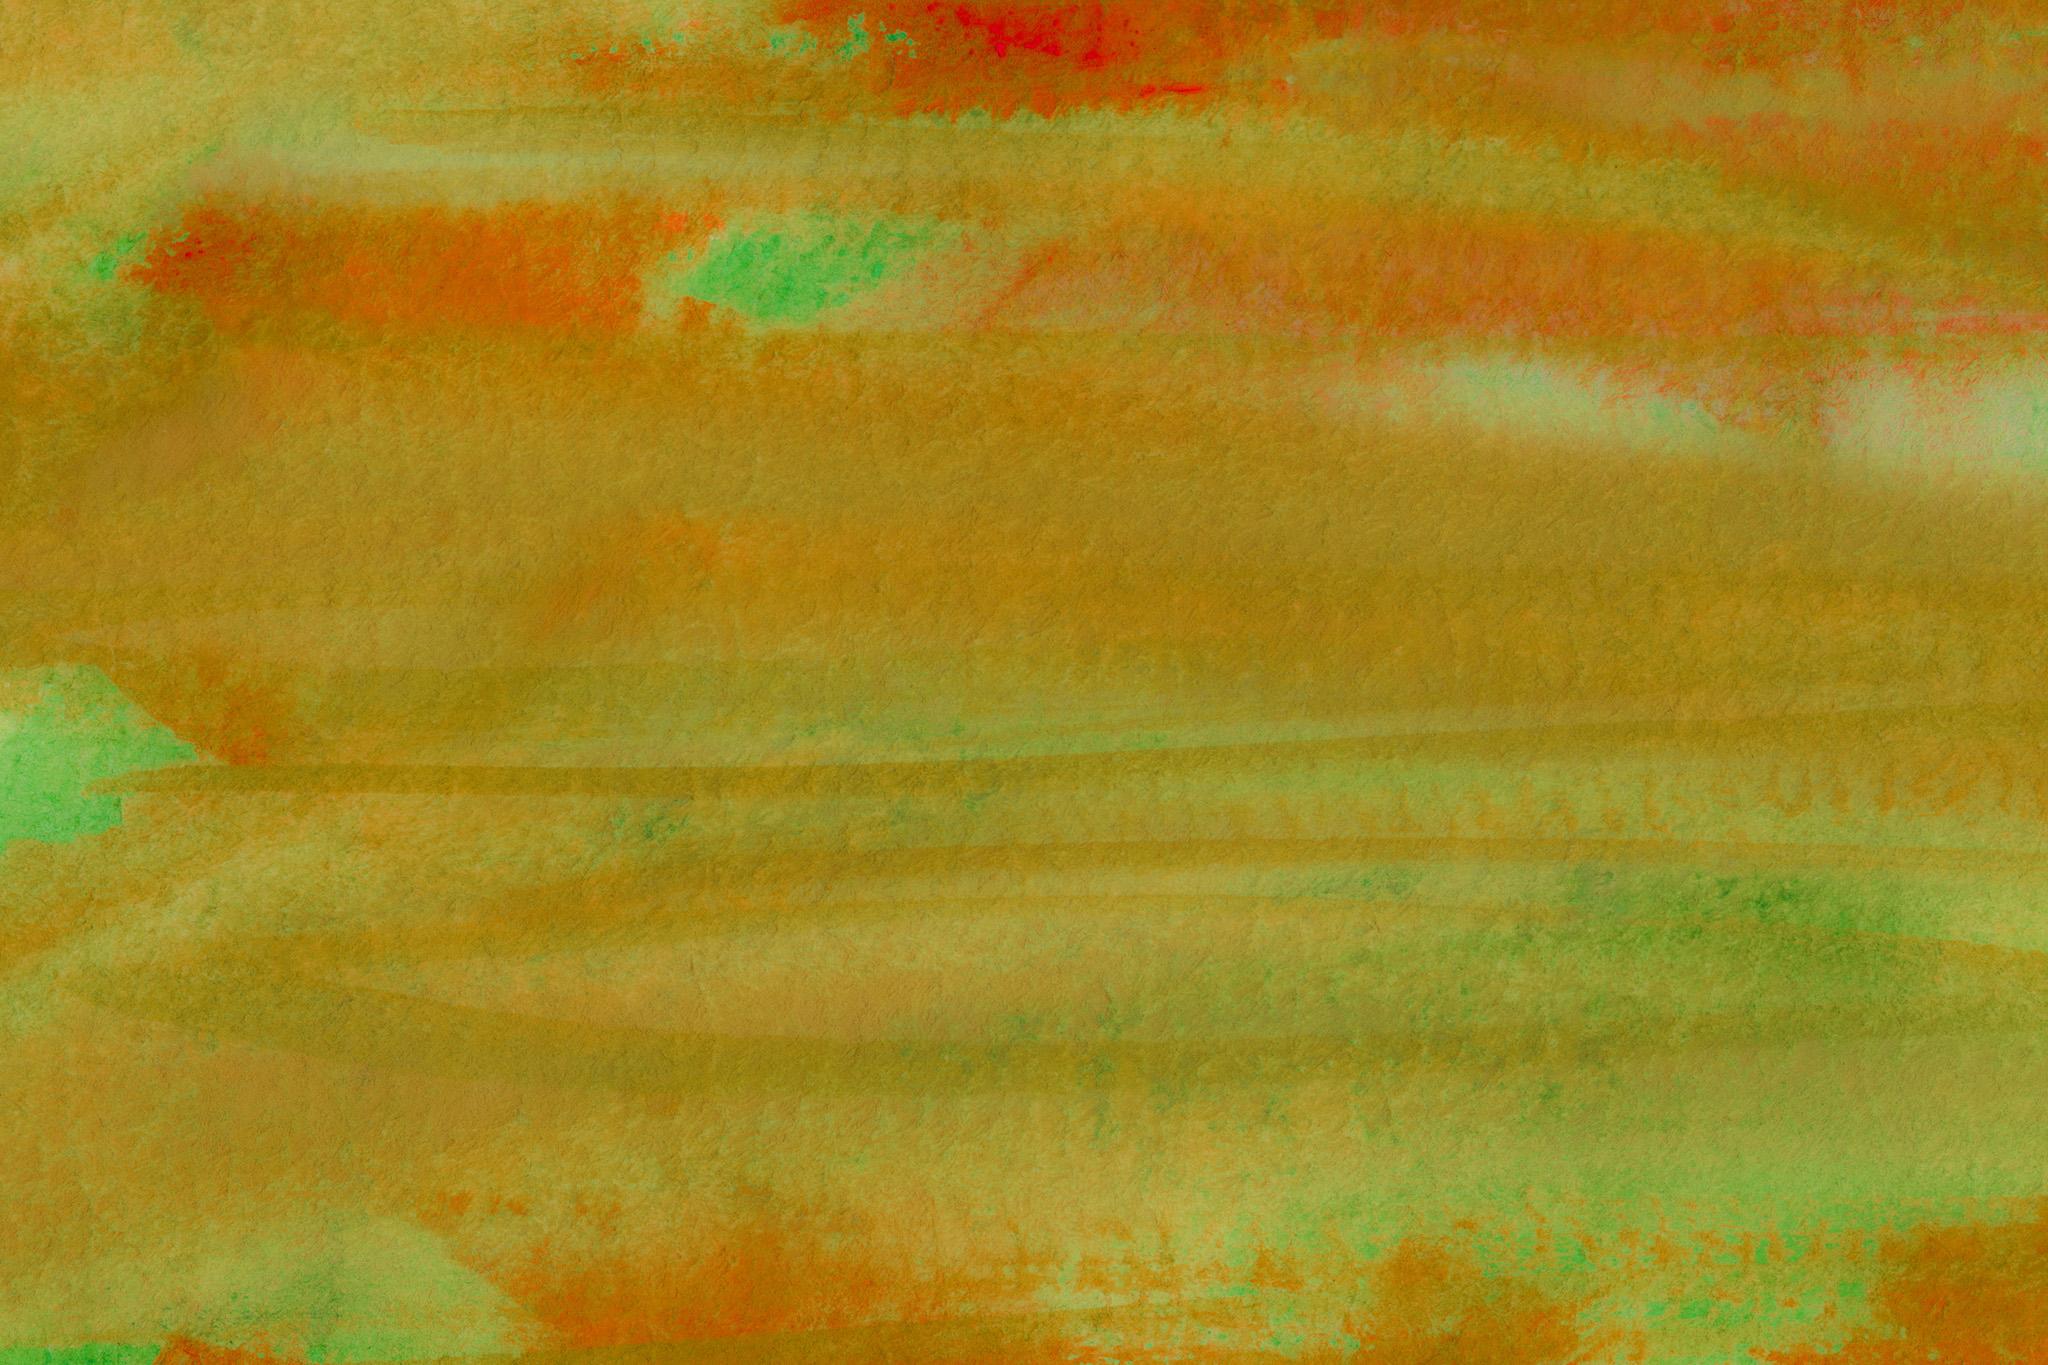 「薄緑を覆う茶色の水彩ストローク」